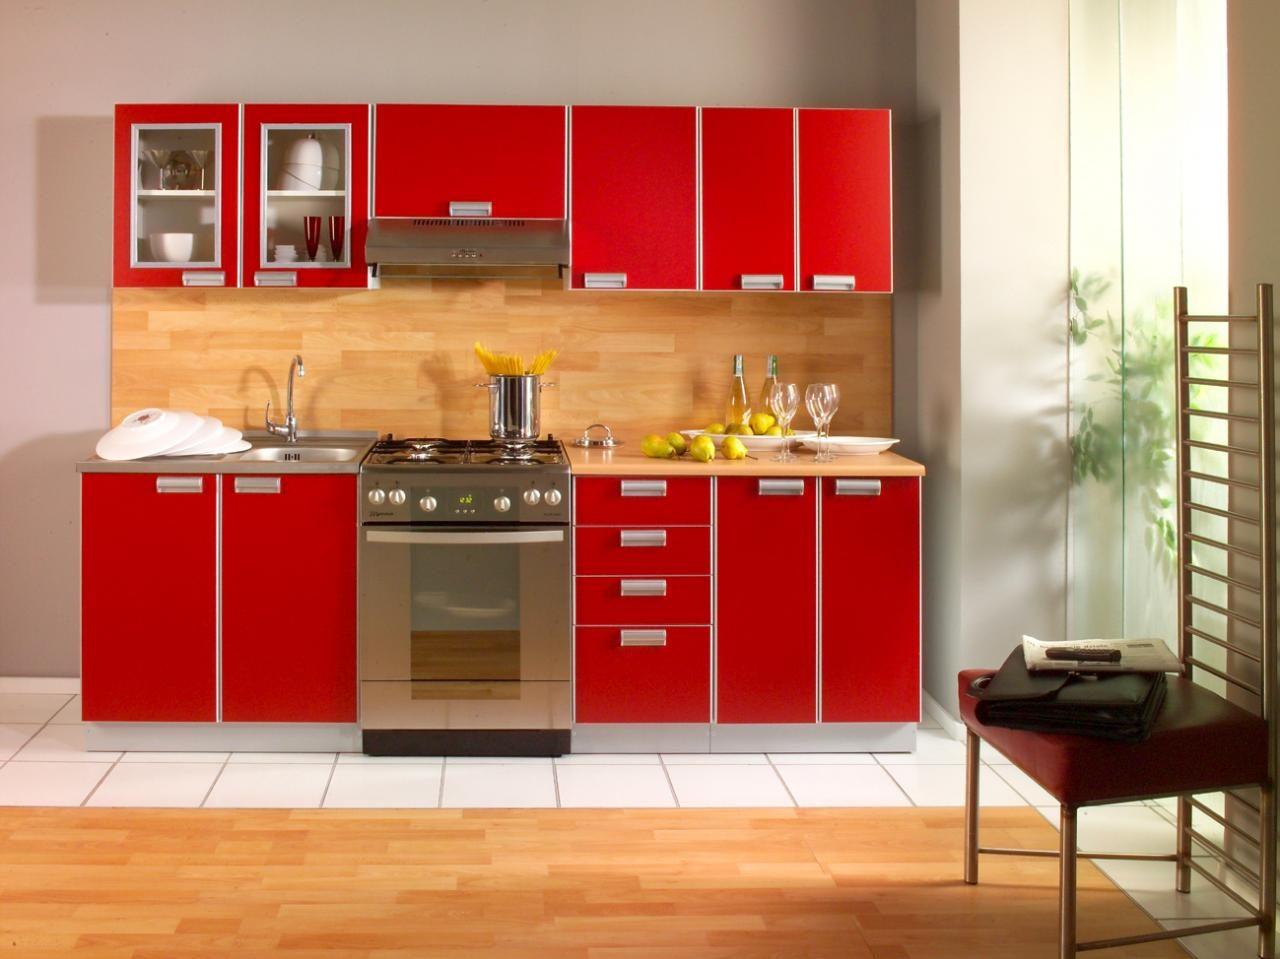 Mobiliario de cocina rojo im genes y fotos for Mobiliario para cocina